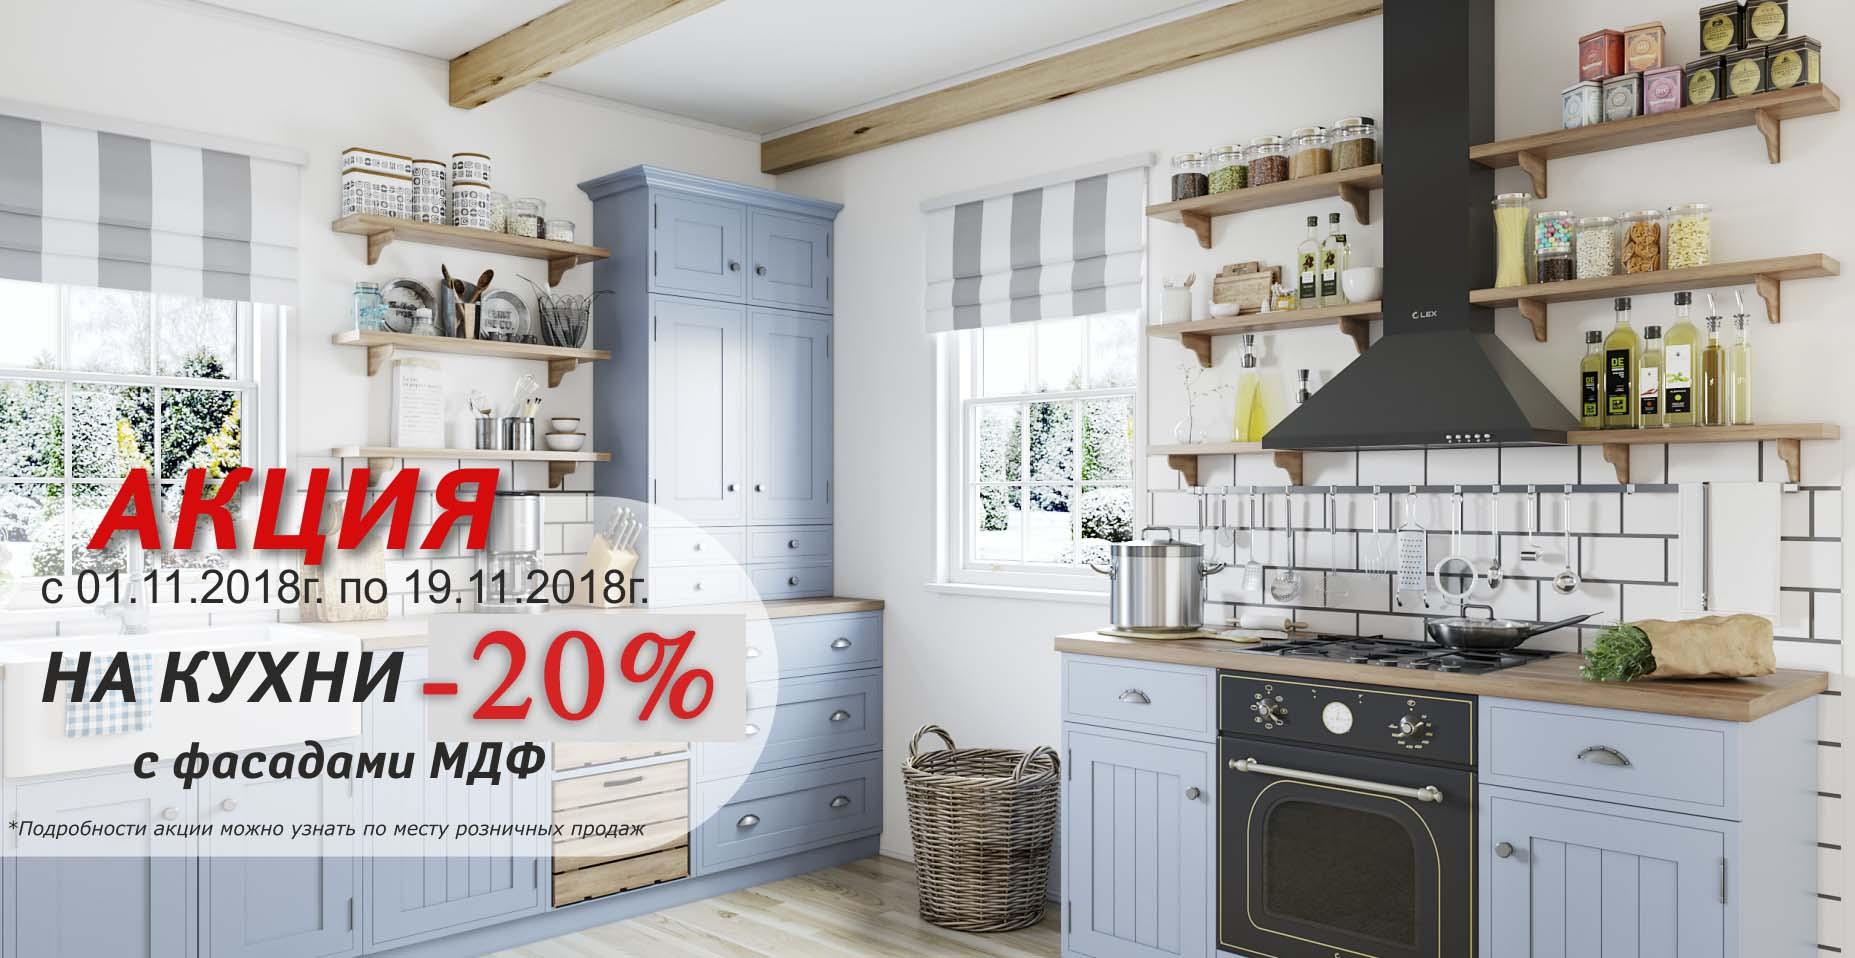 Скидка 20% на кухни с фасадами МДФ